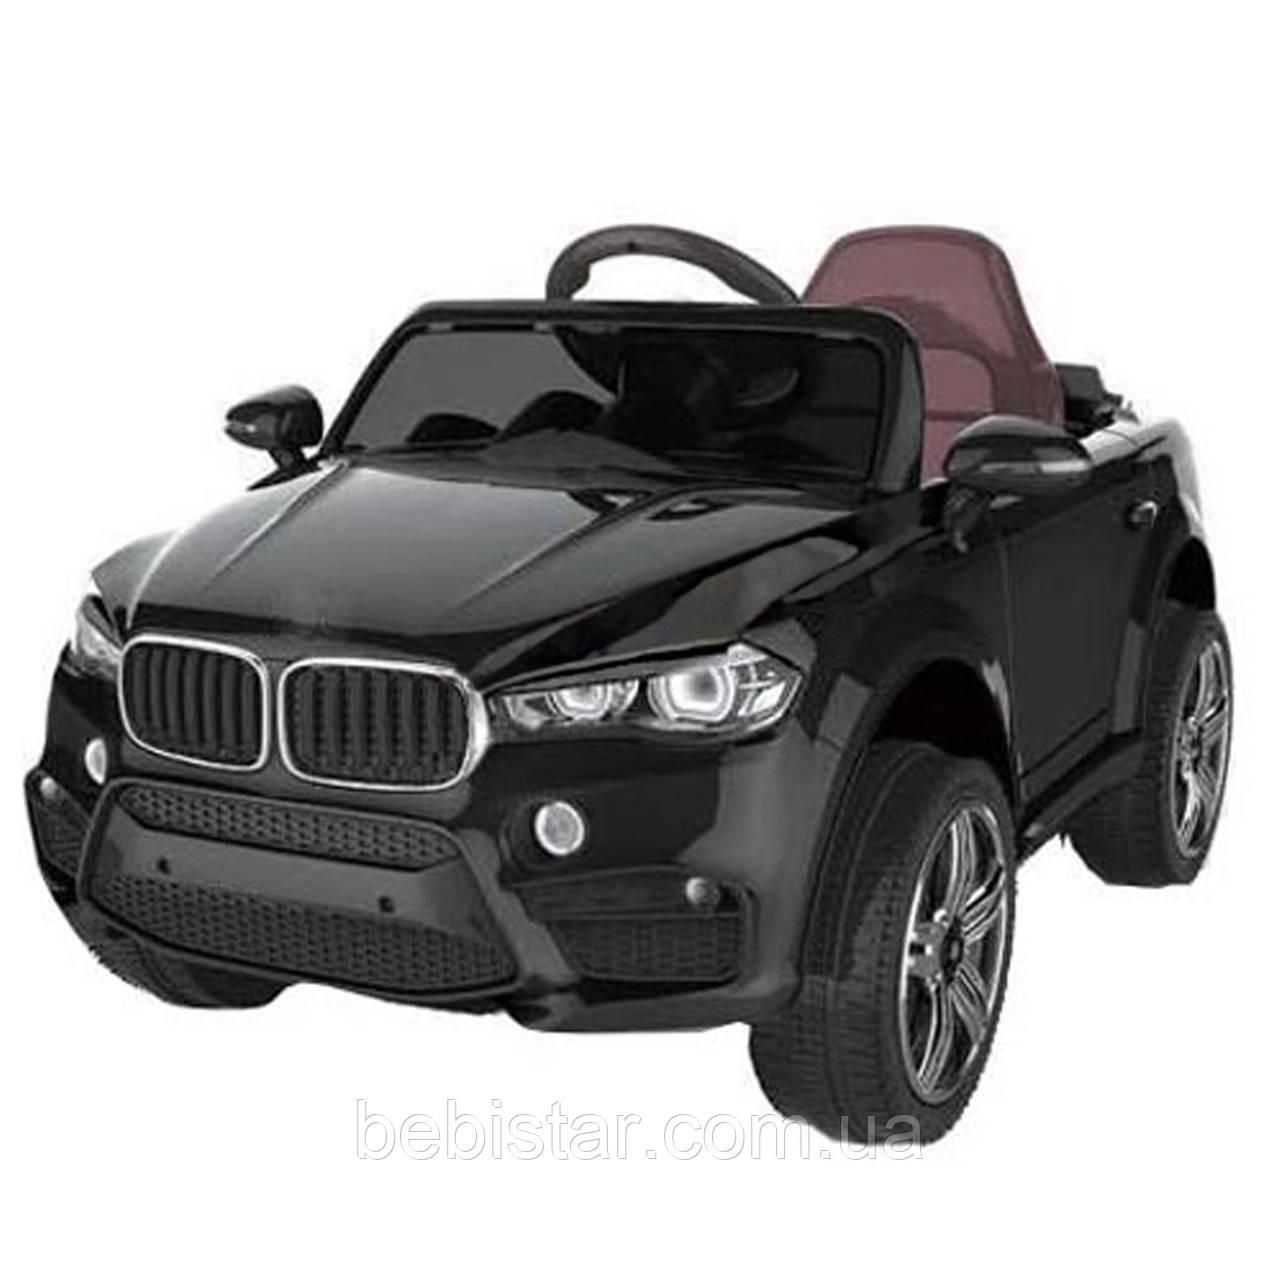 Детский электромобиль Джип черный T-7830 BLACK деткам 3-8 лет с пультом мотор 2*25W аккумулятор 2*6V4,5AH МР3